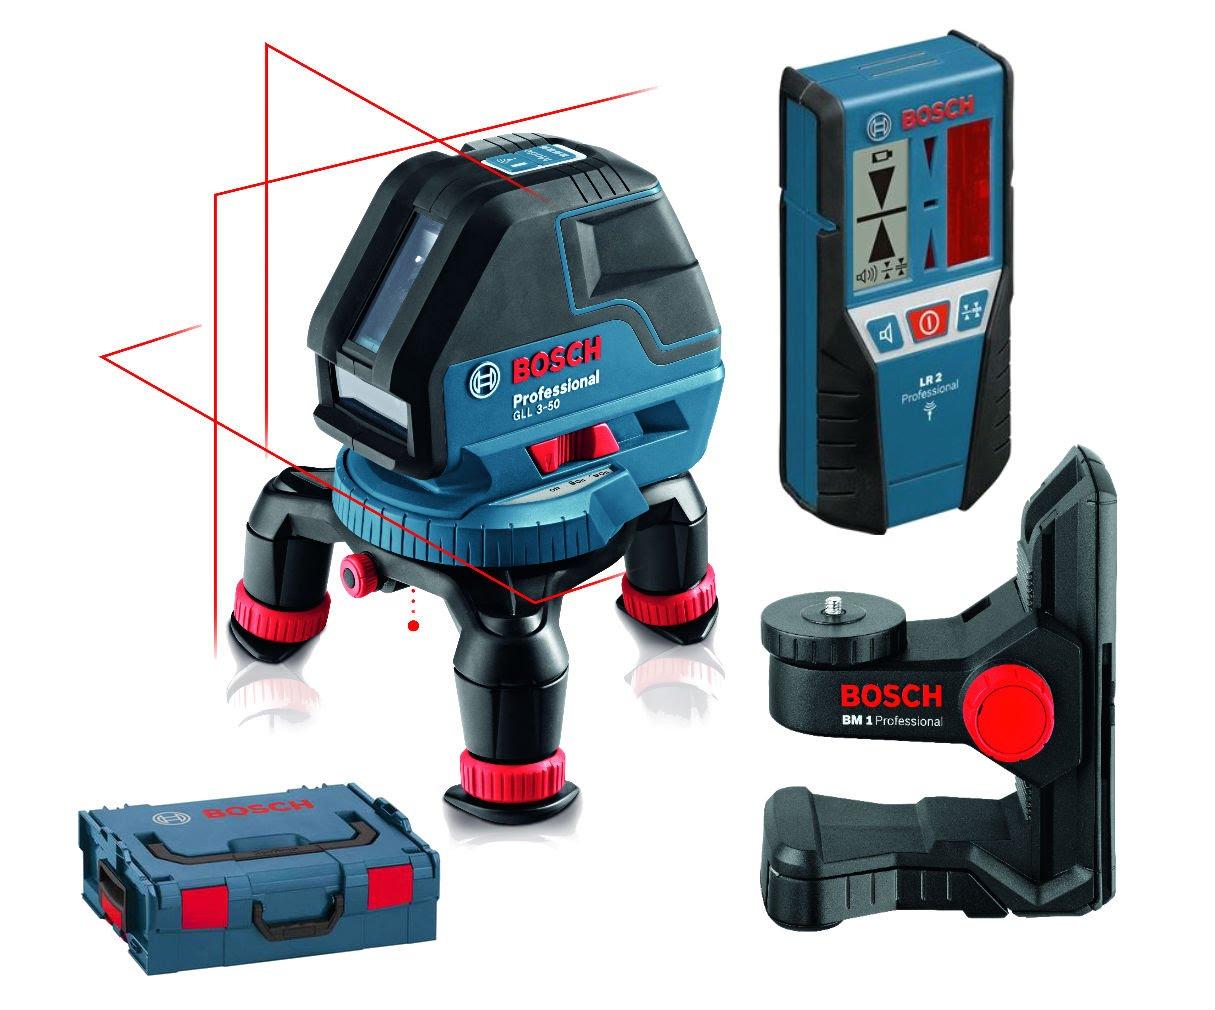 Kinh nghiệm chọn máy cân mực laser phù hợp | Trắc Địa Bản Đồ 2